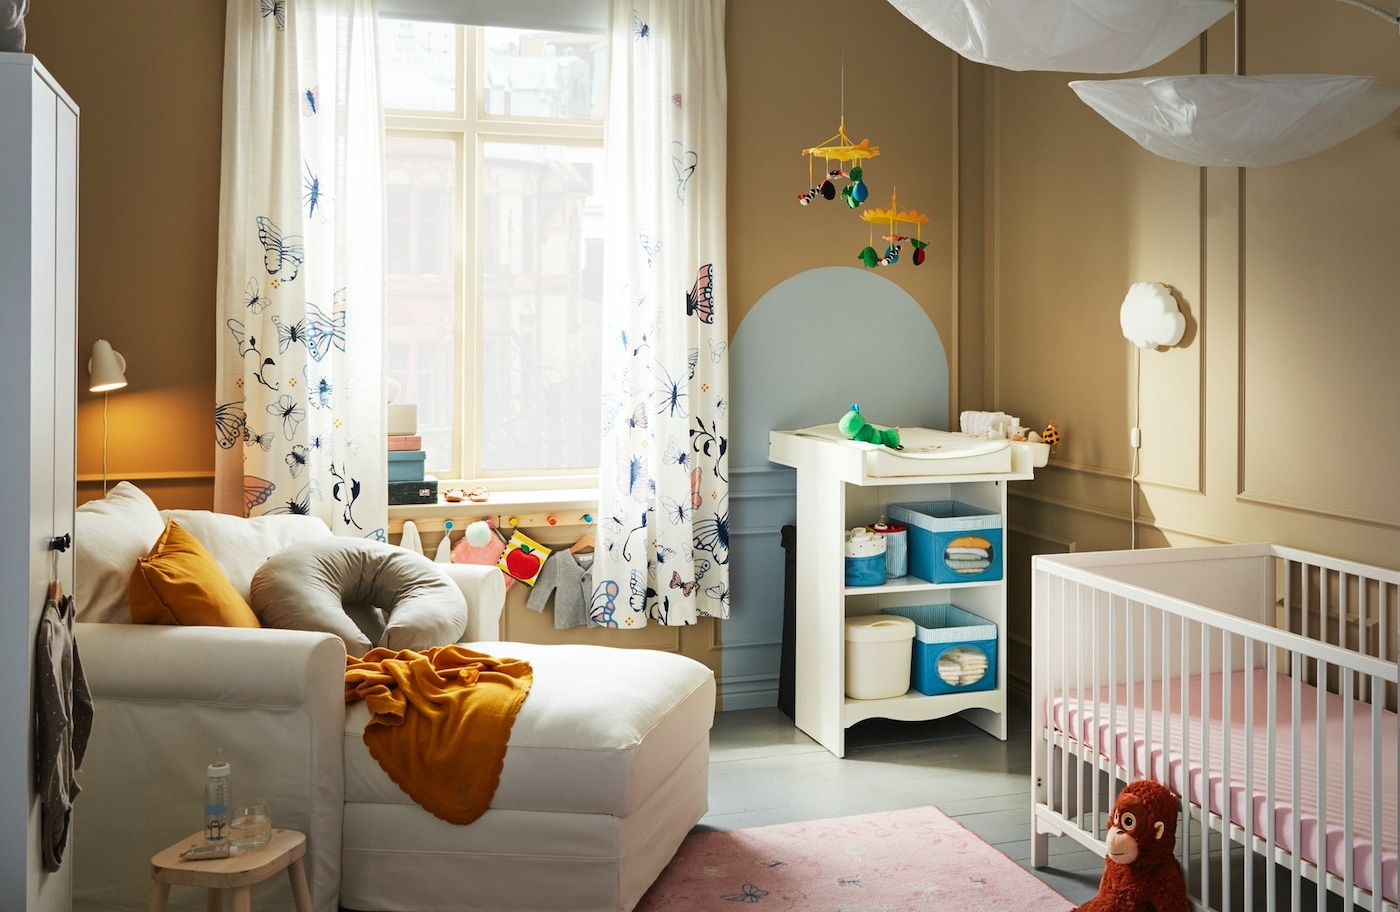 Ideas de decoración para dormitorios de bebés